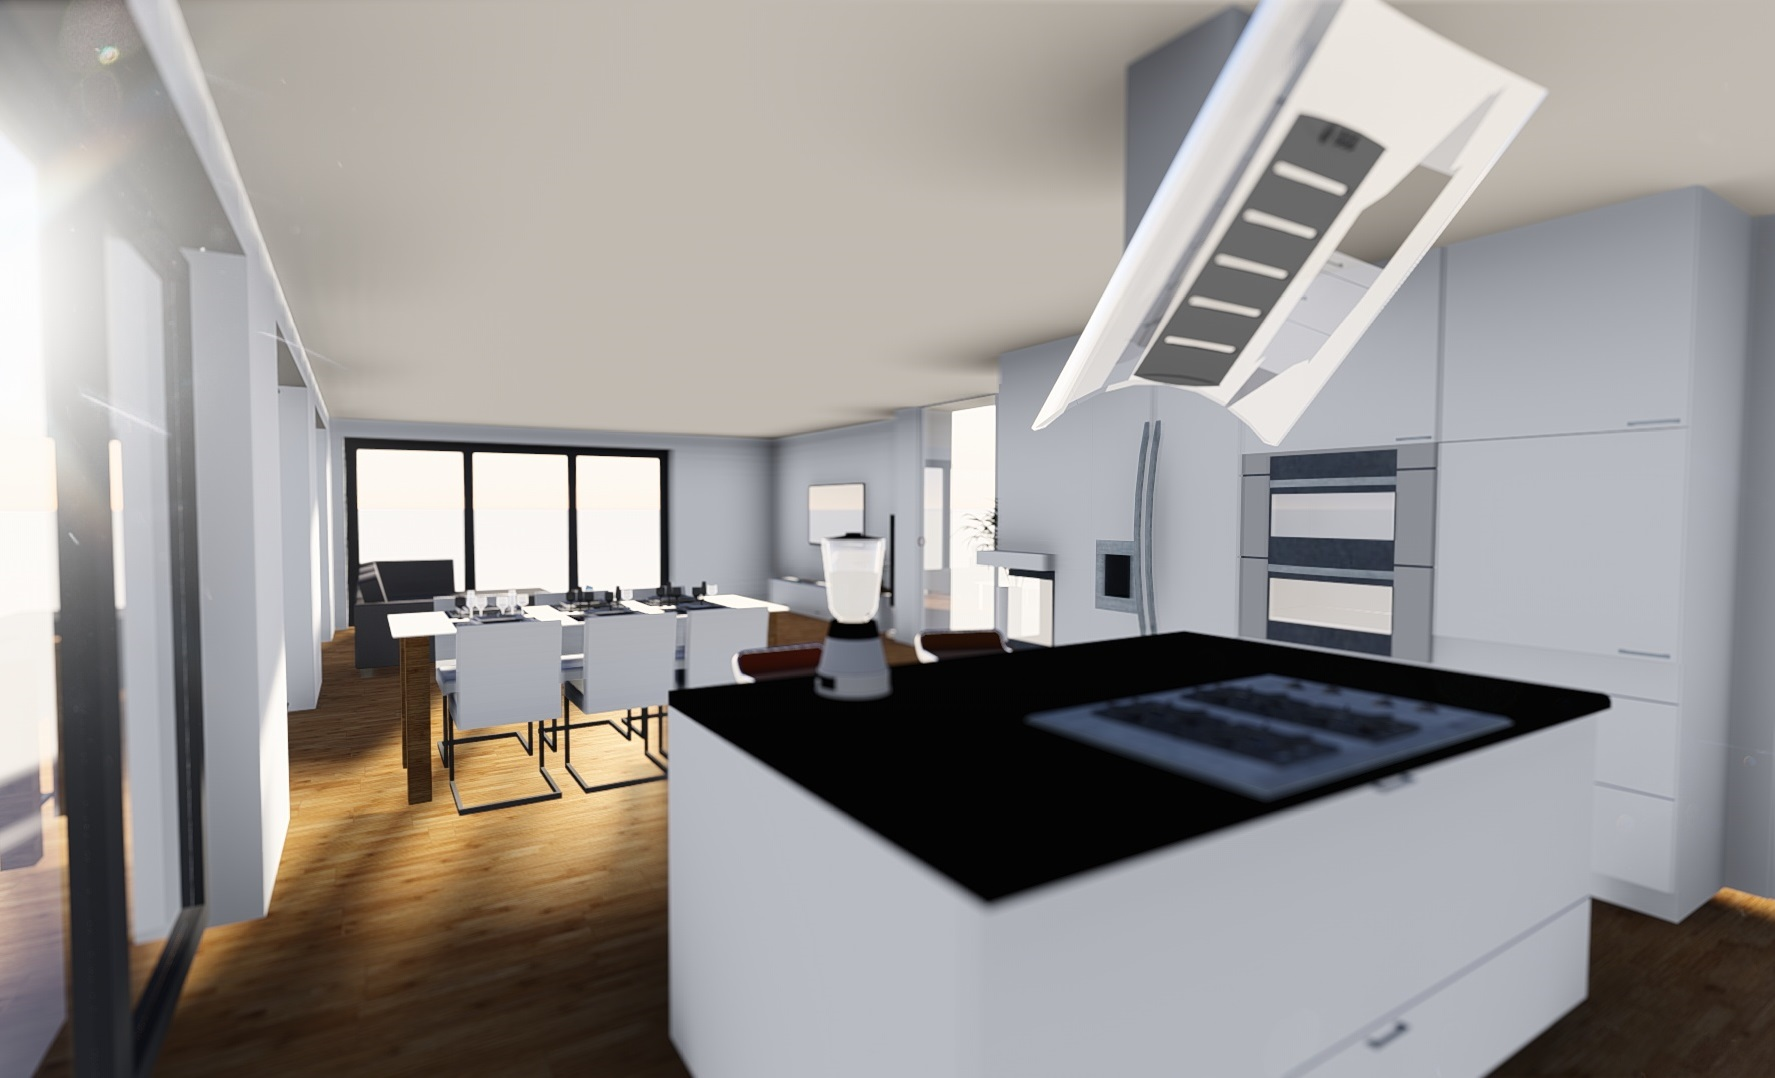 Möbel möbel design wettbewerb : Moderne Architektur Drolshagen | B.Sc. Architektur Florian Hahnl